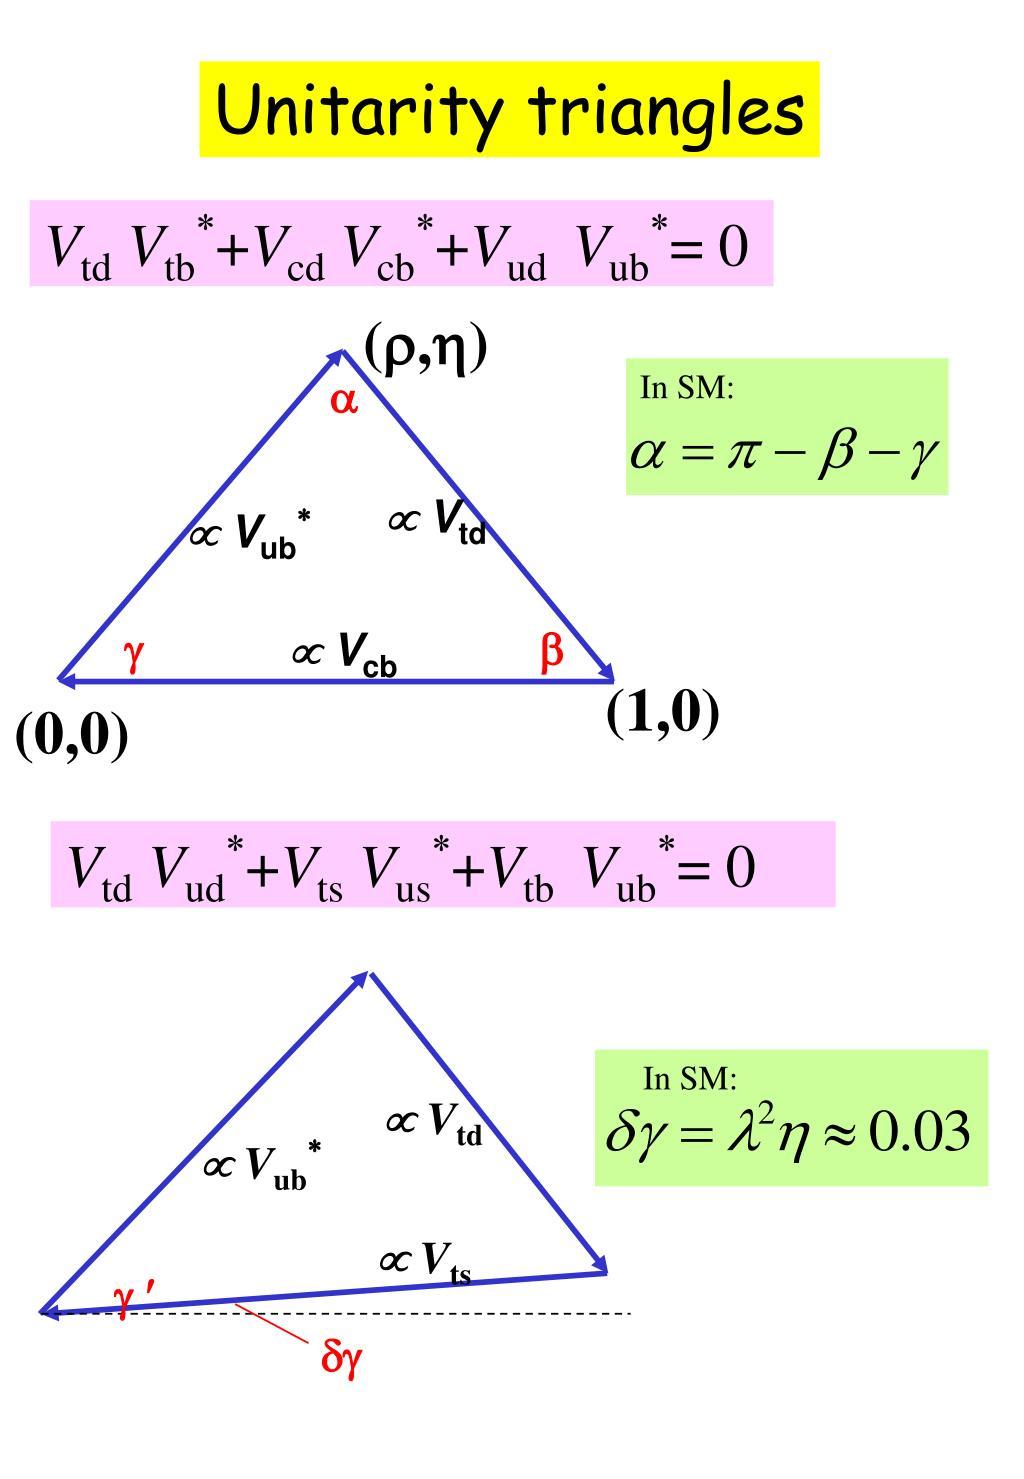 Unitarity triangles